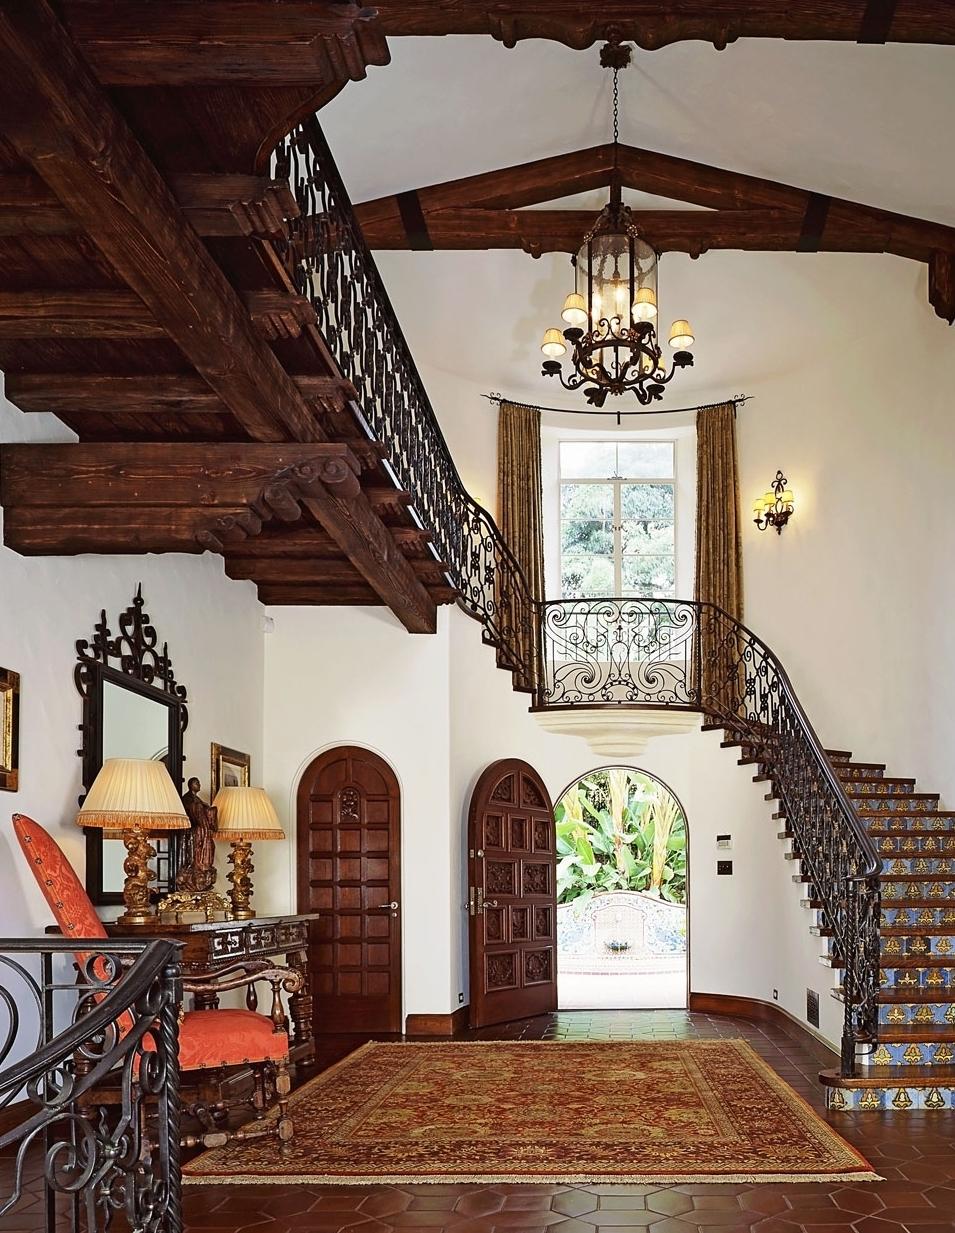 3-landing-stairway-banister-entrance-dee-carawan.jpg